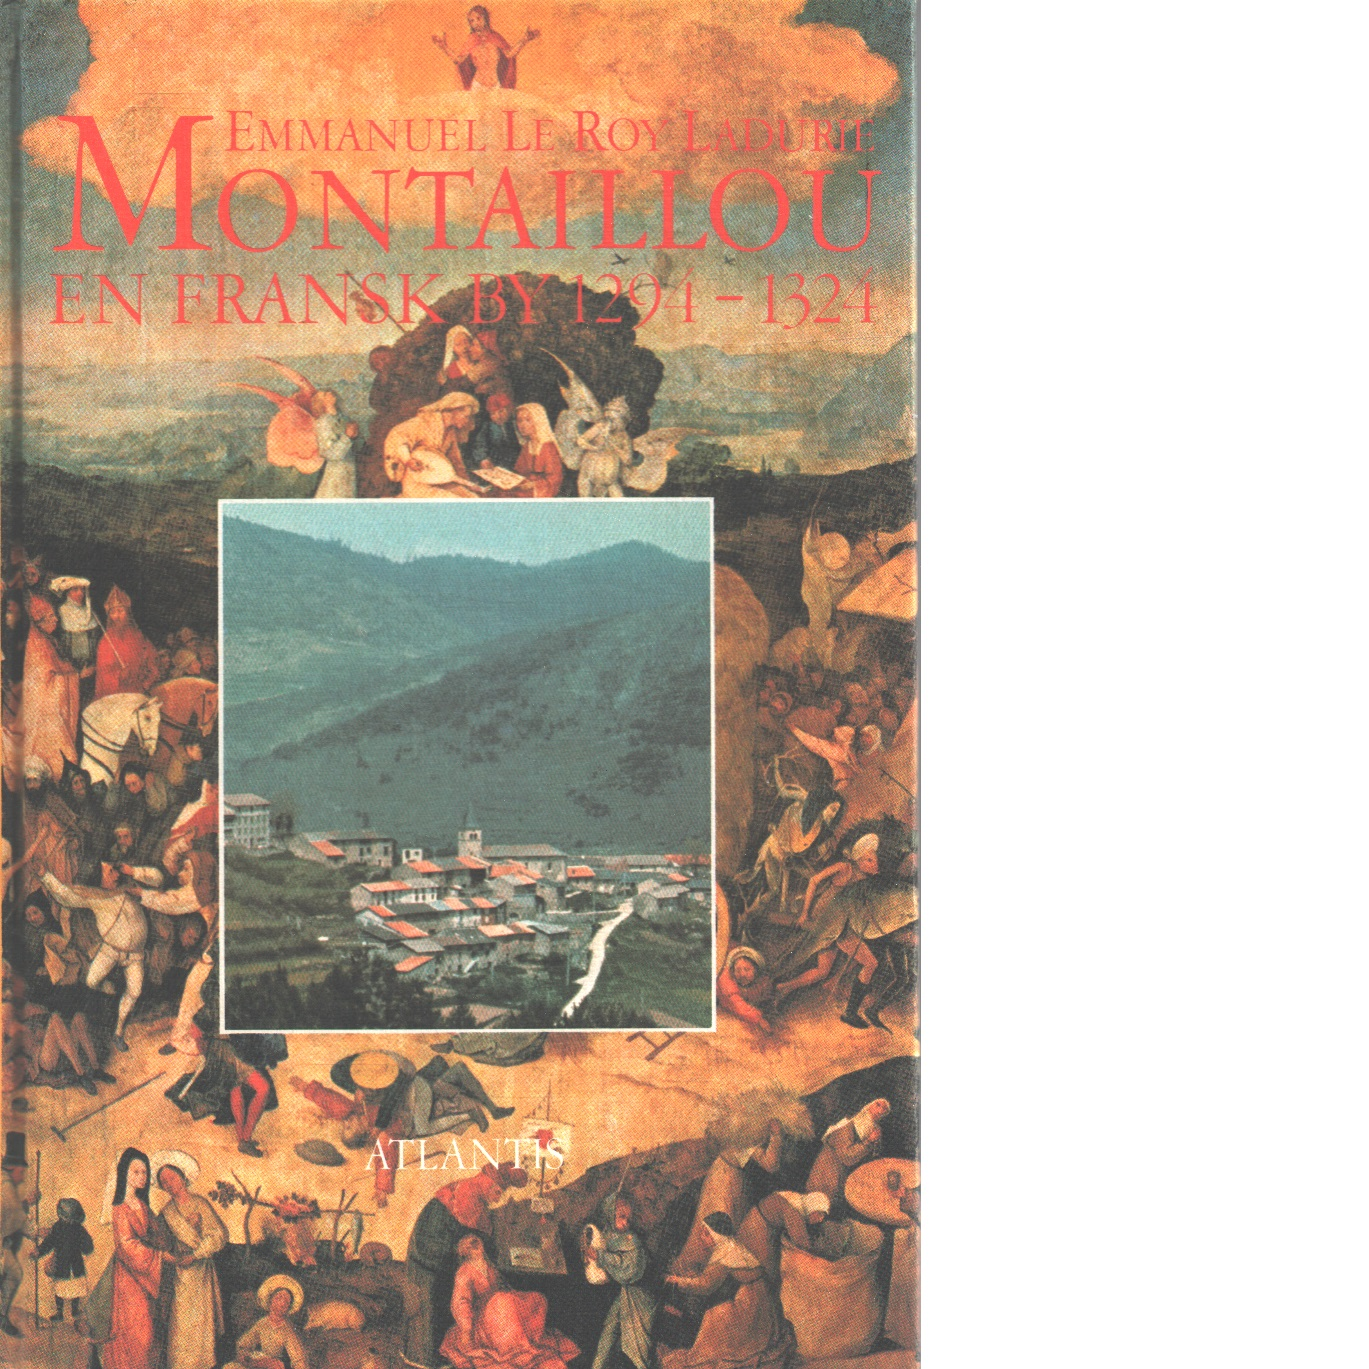 Montaillou : en fransk by 1294-1324 - Le Roy Ladurie, Emmanuel